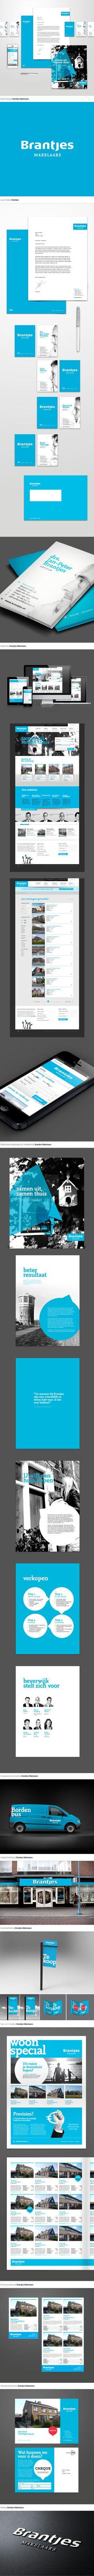 Brantjes | Sixtyseven | Communicatie en reclamebureau | Beverwijk